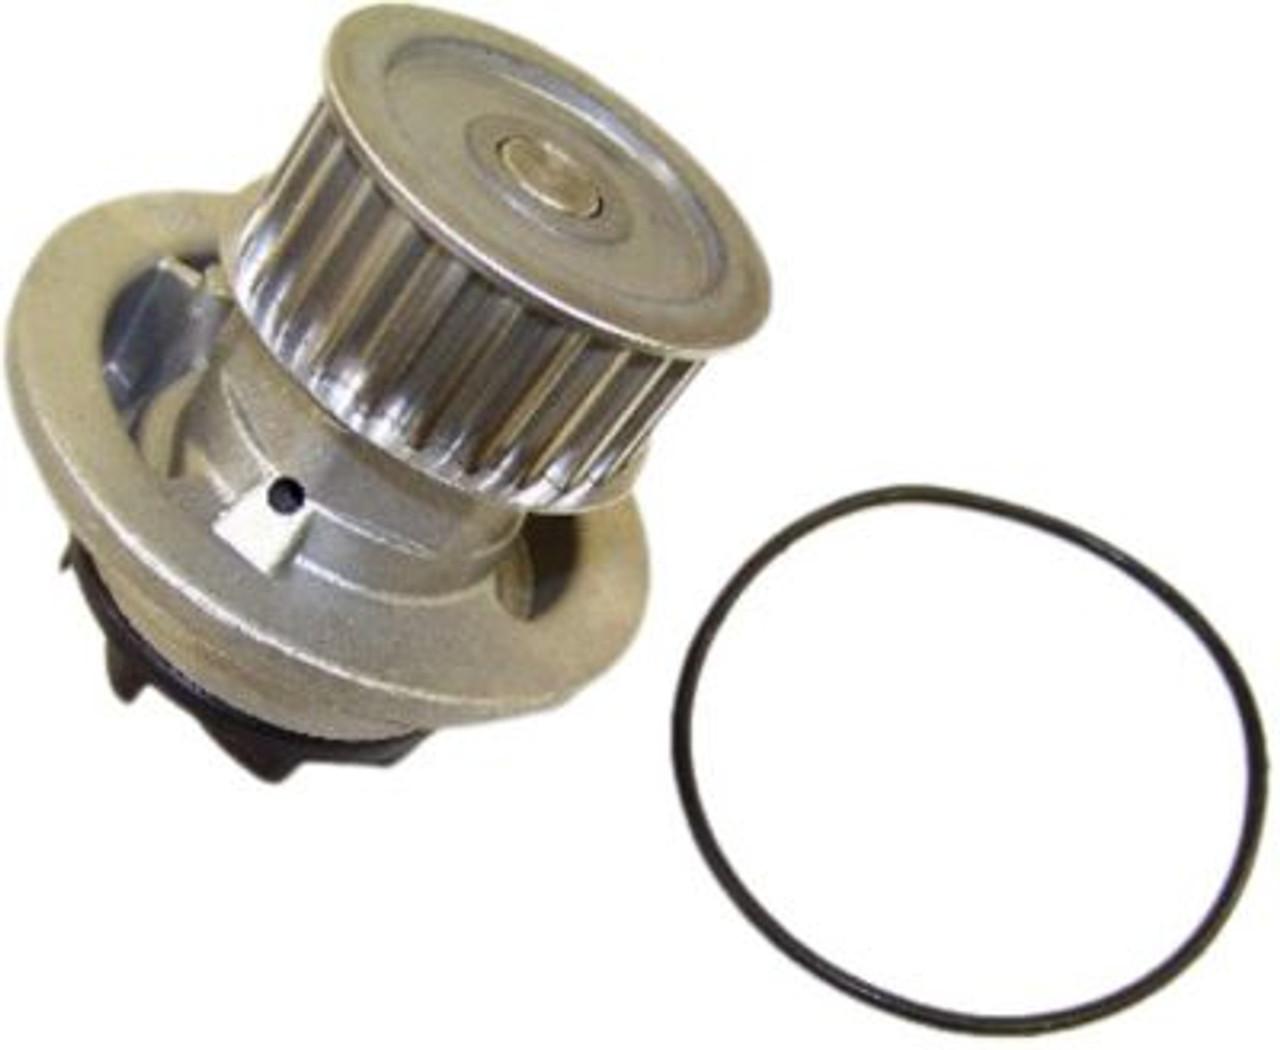 2003 Isuzu Rodeo 2 2L Engine Water Pump WP319 -20